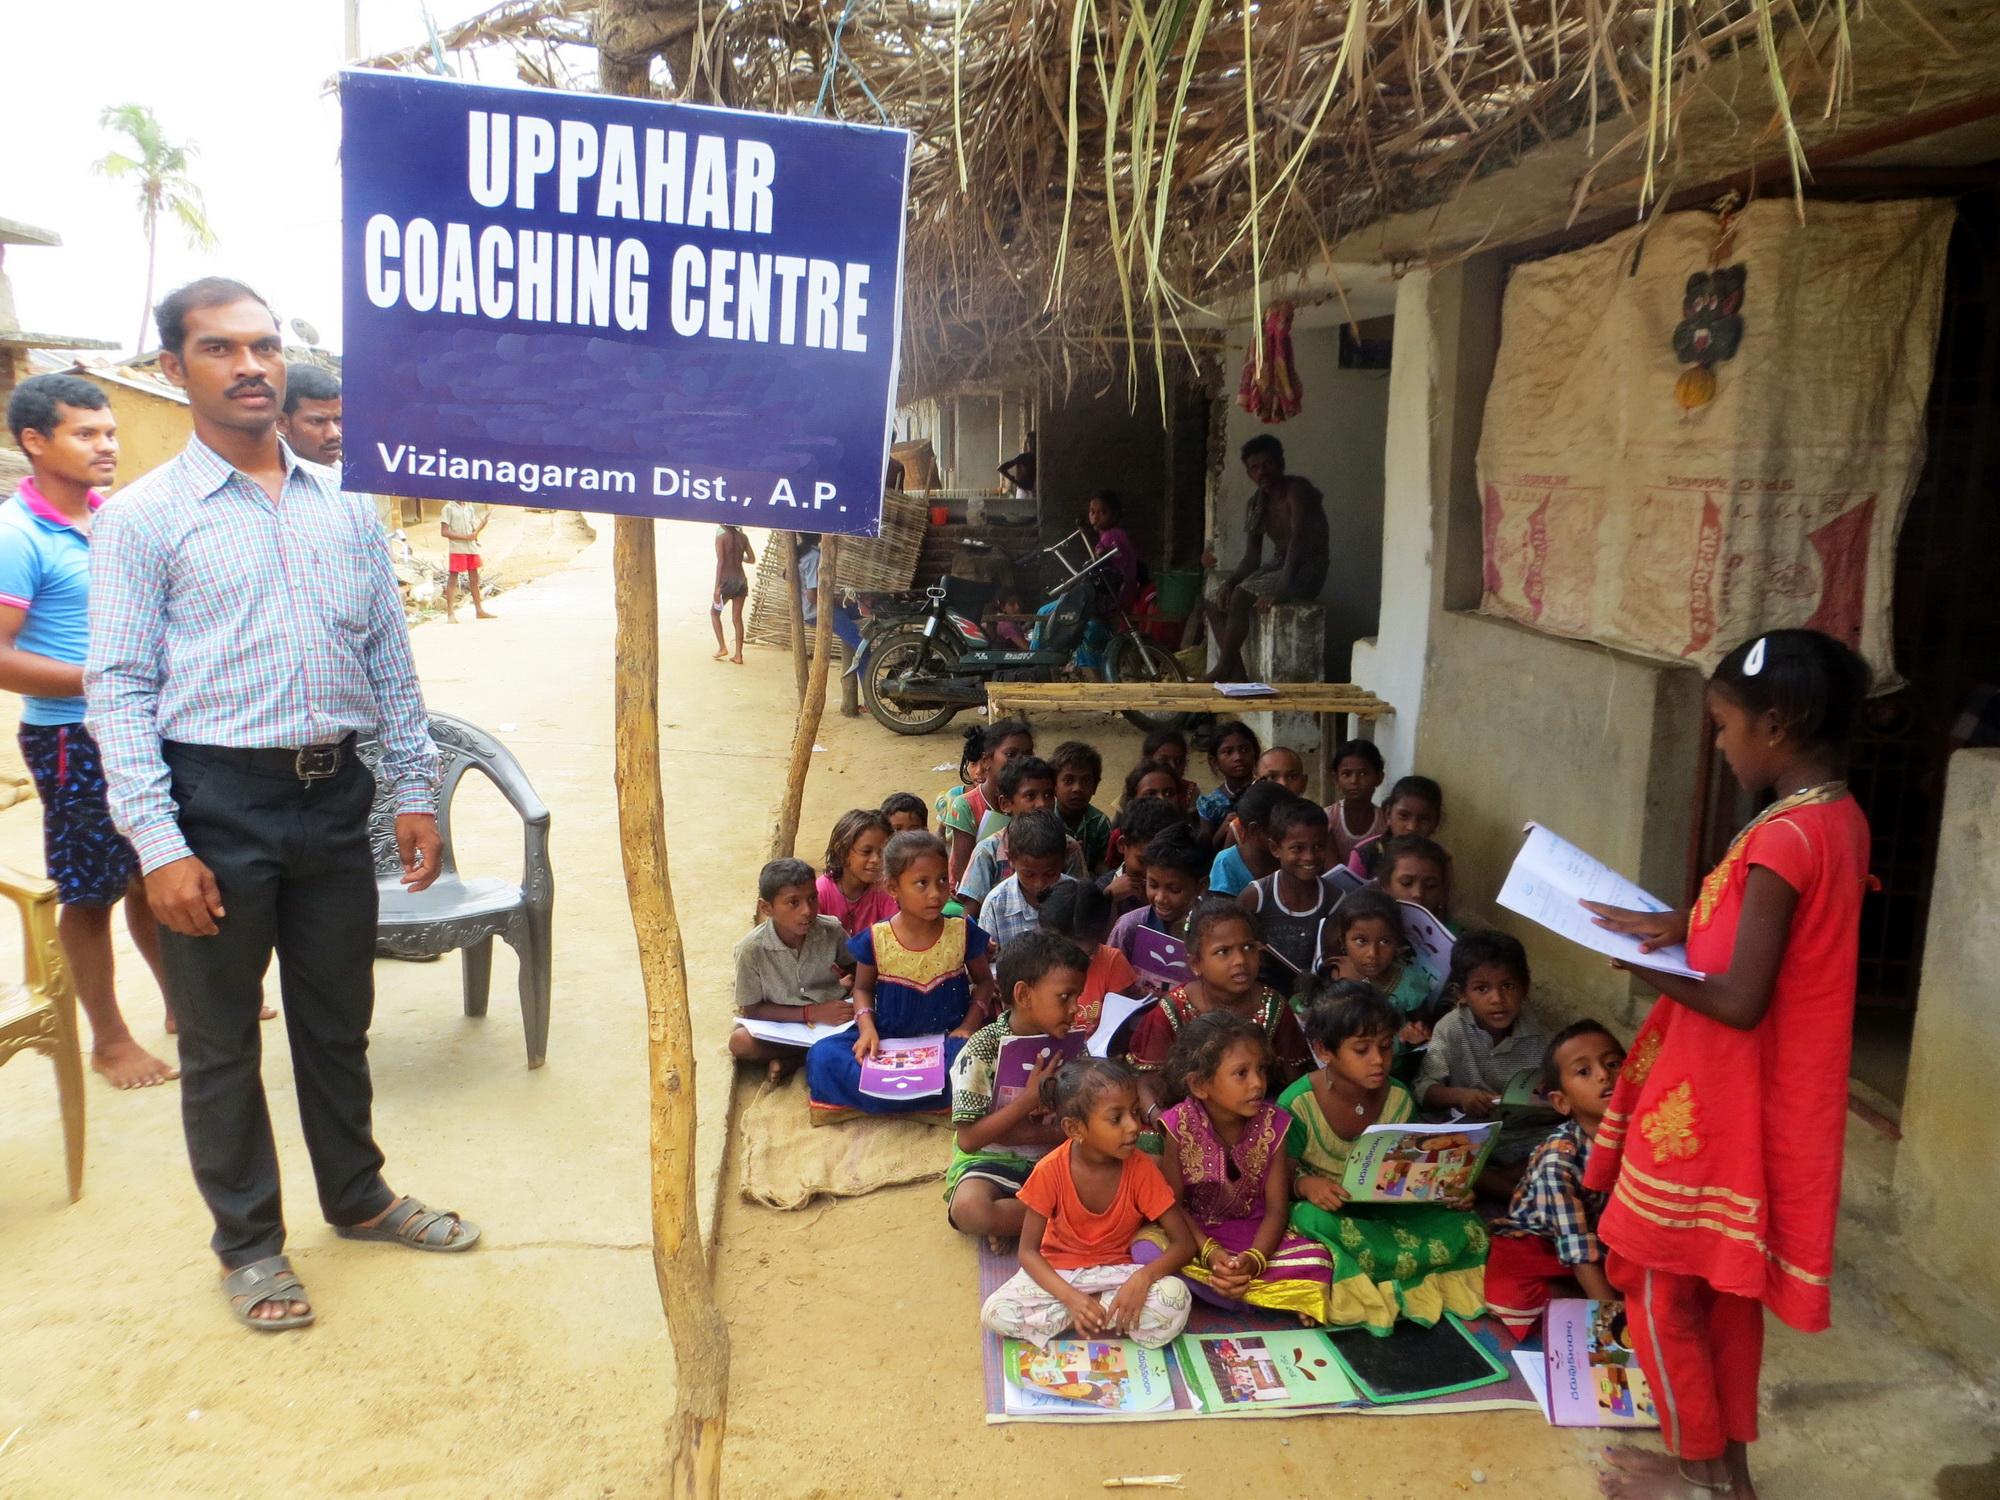 Dorf-Förderunterricht in Indien für benachteiligte Kinder